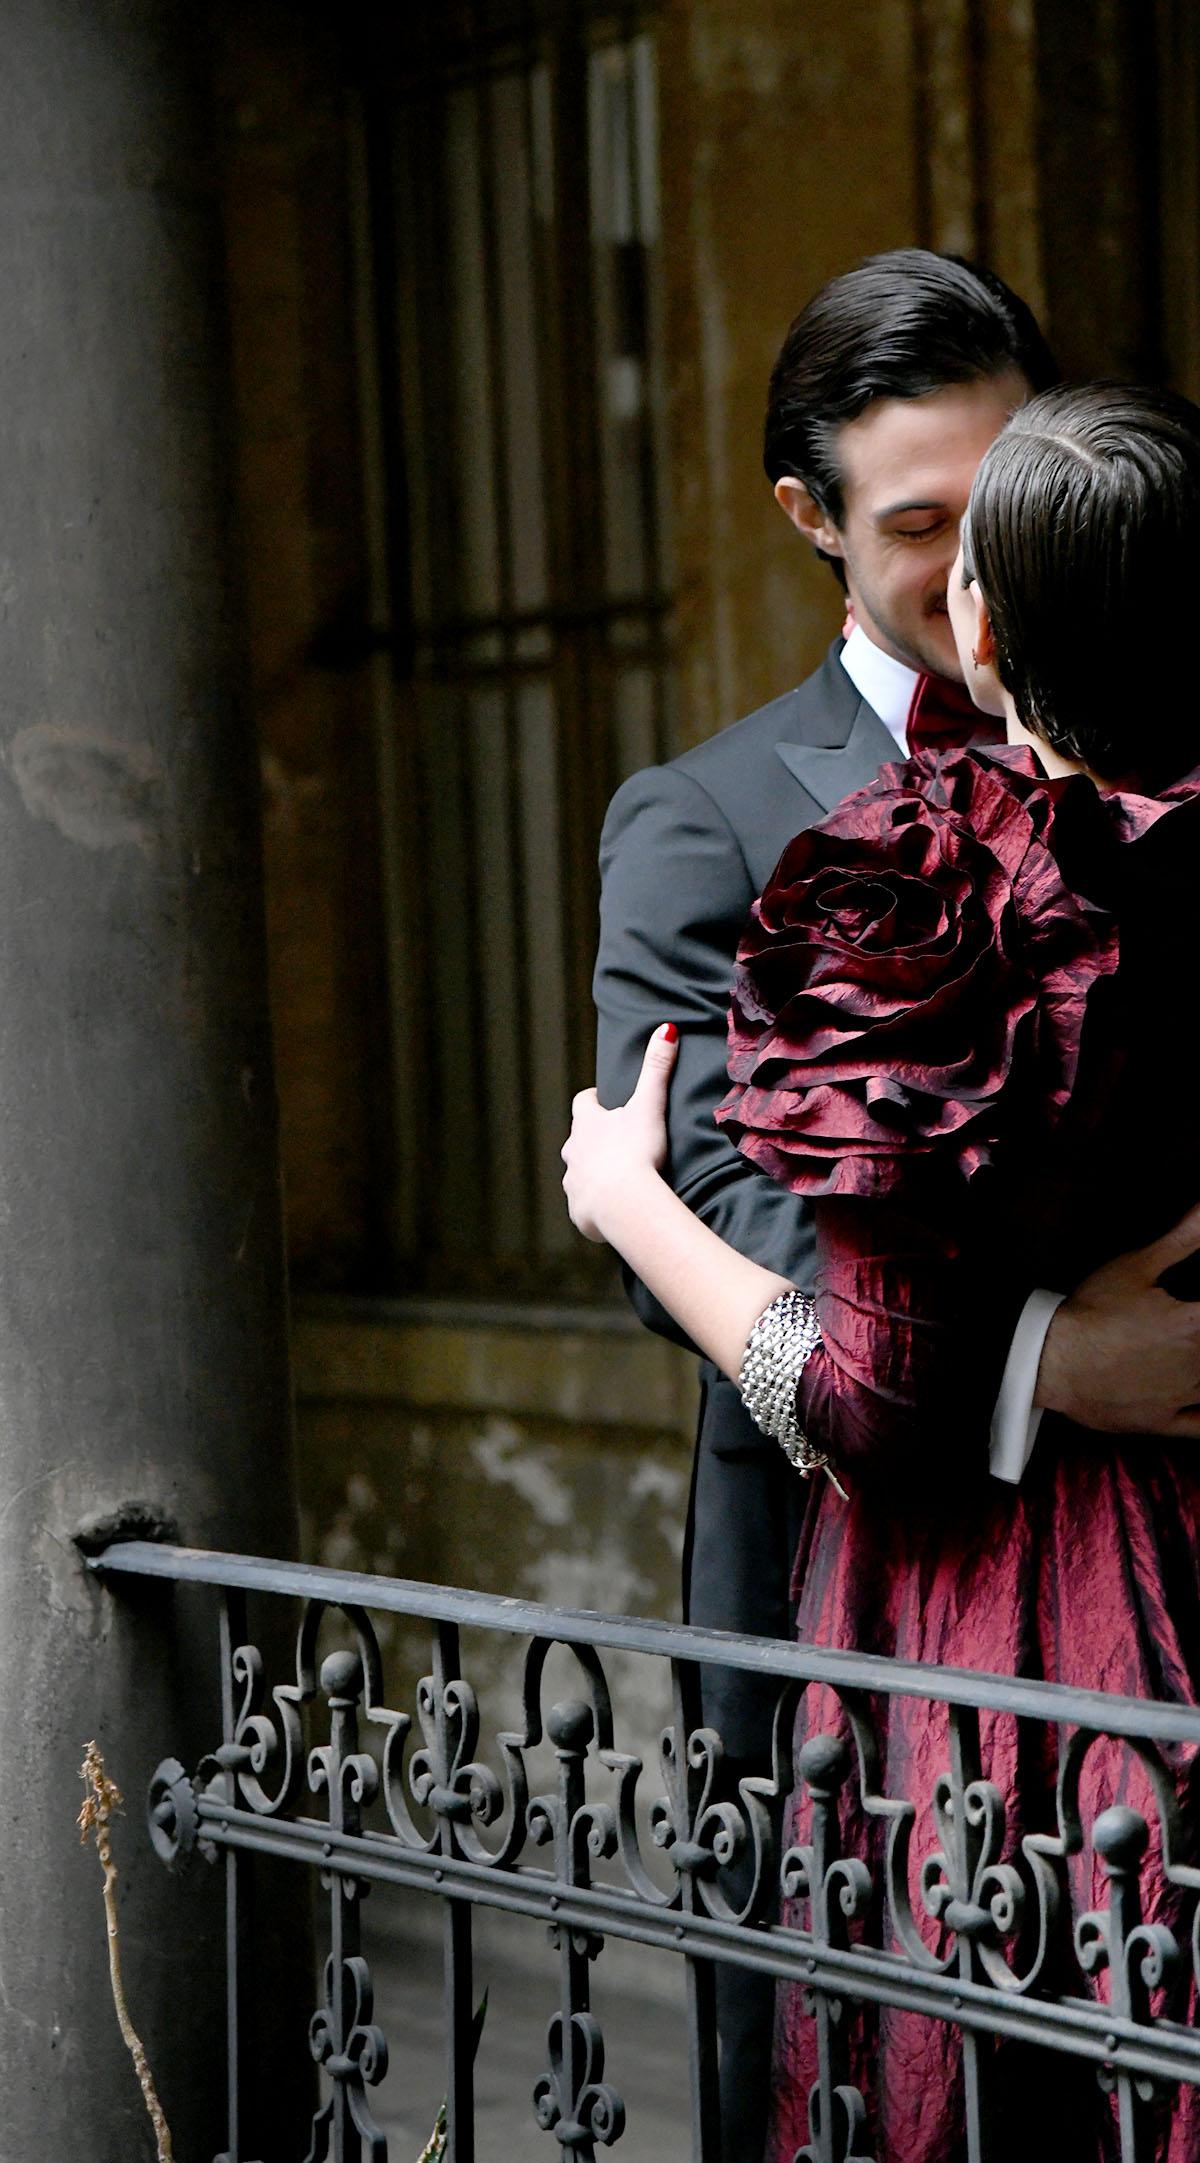 Extravagant editorijal: Crazy in love